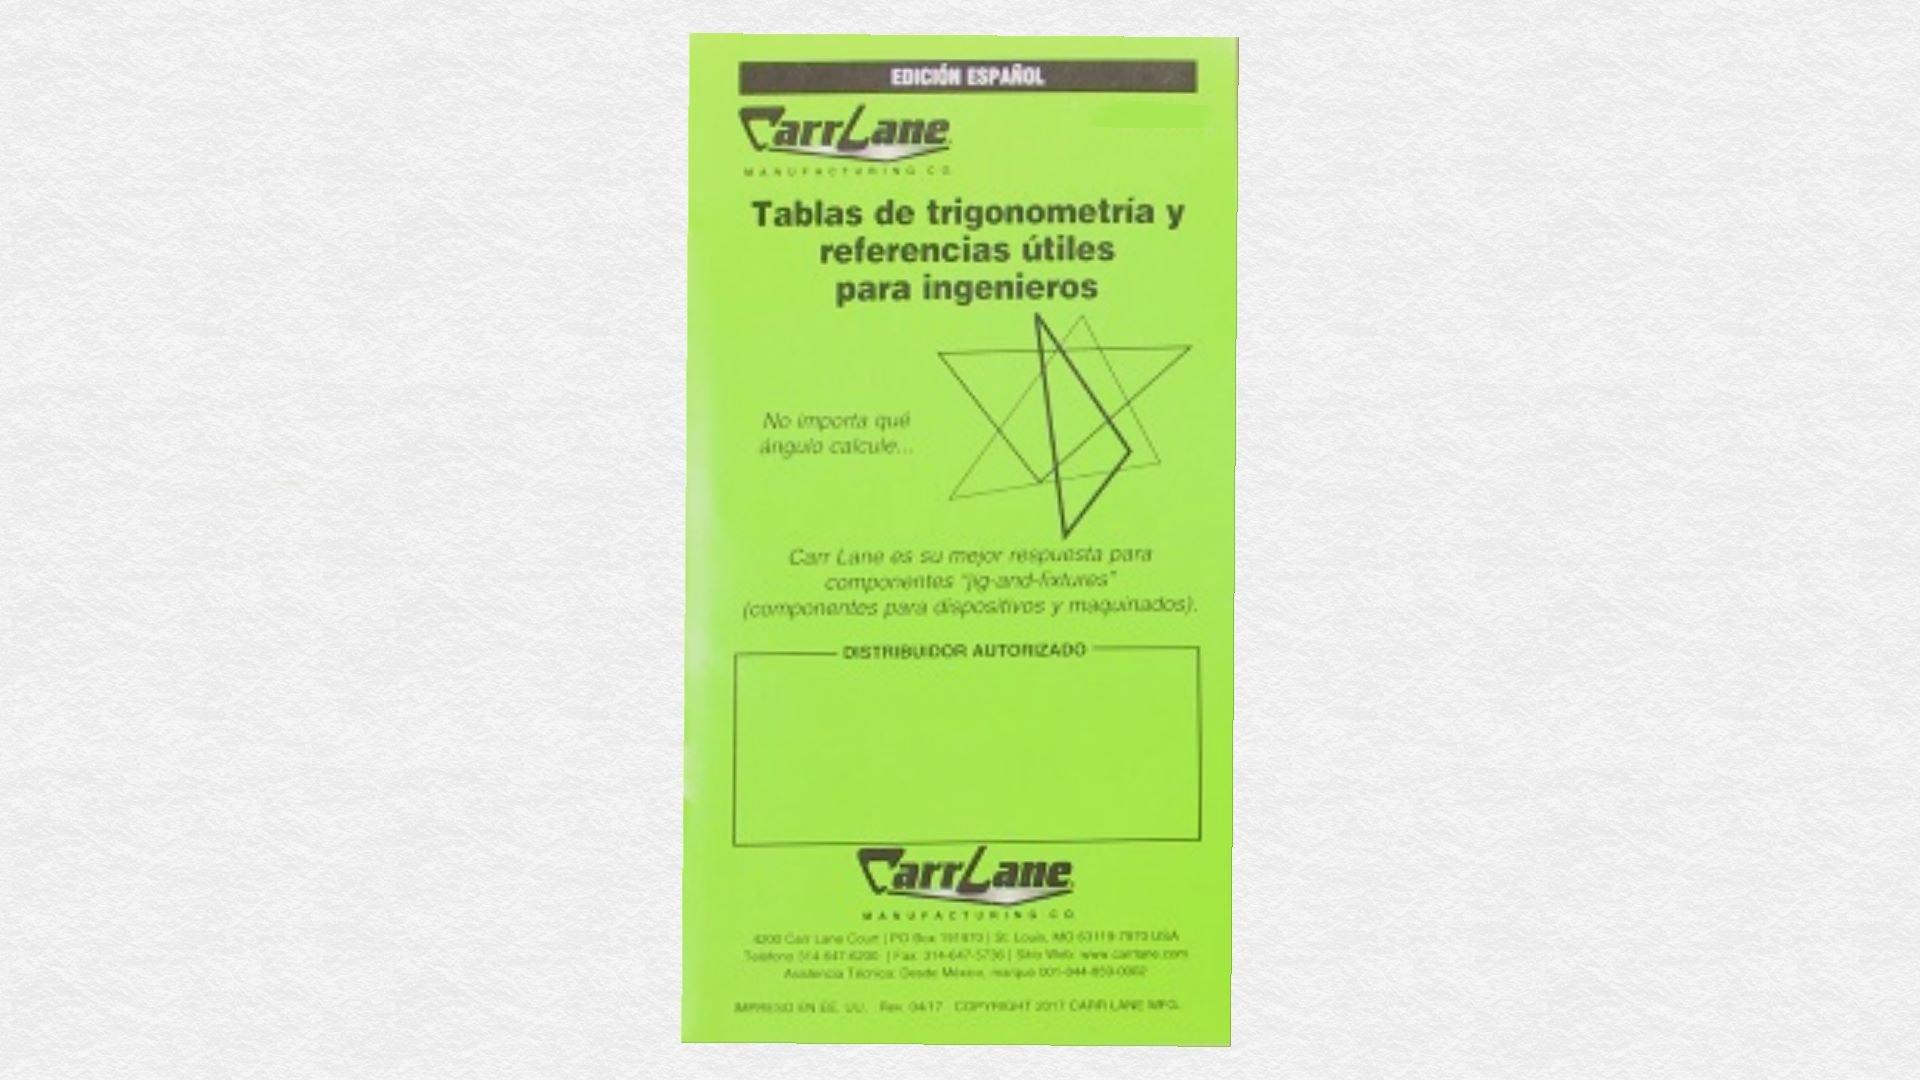 Tablas de trigonometría y referencias útiles para ingenieros Paperback – 2015